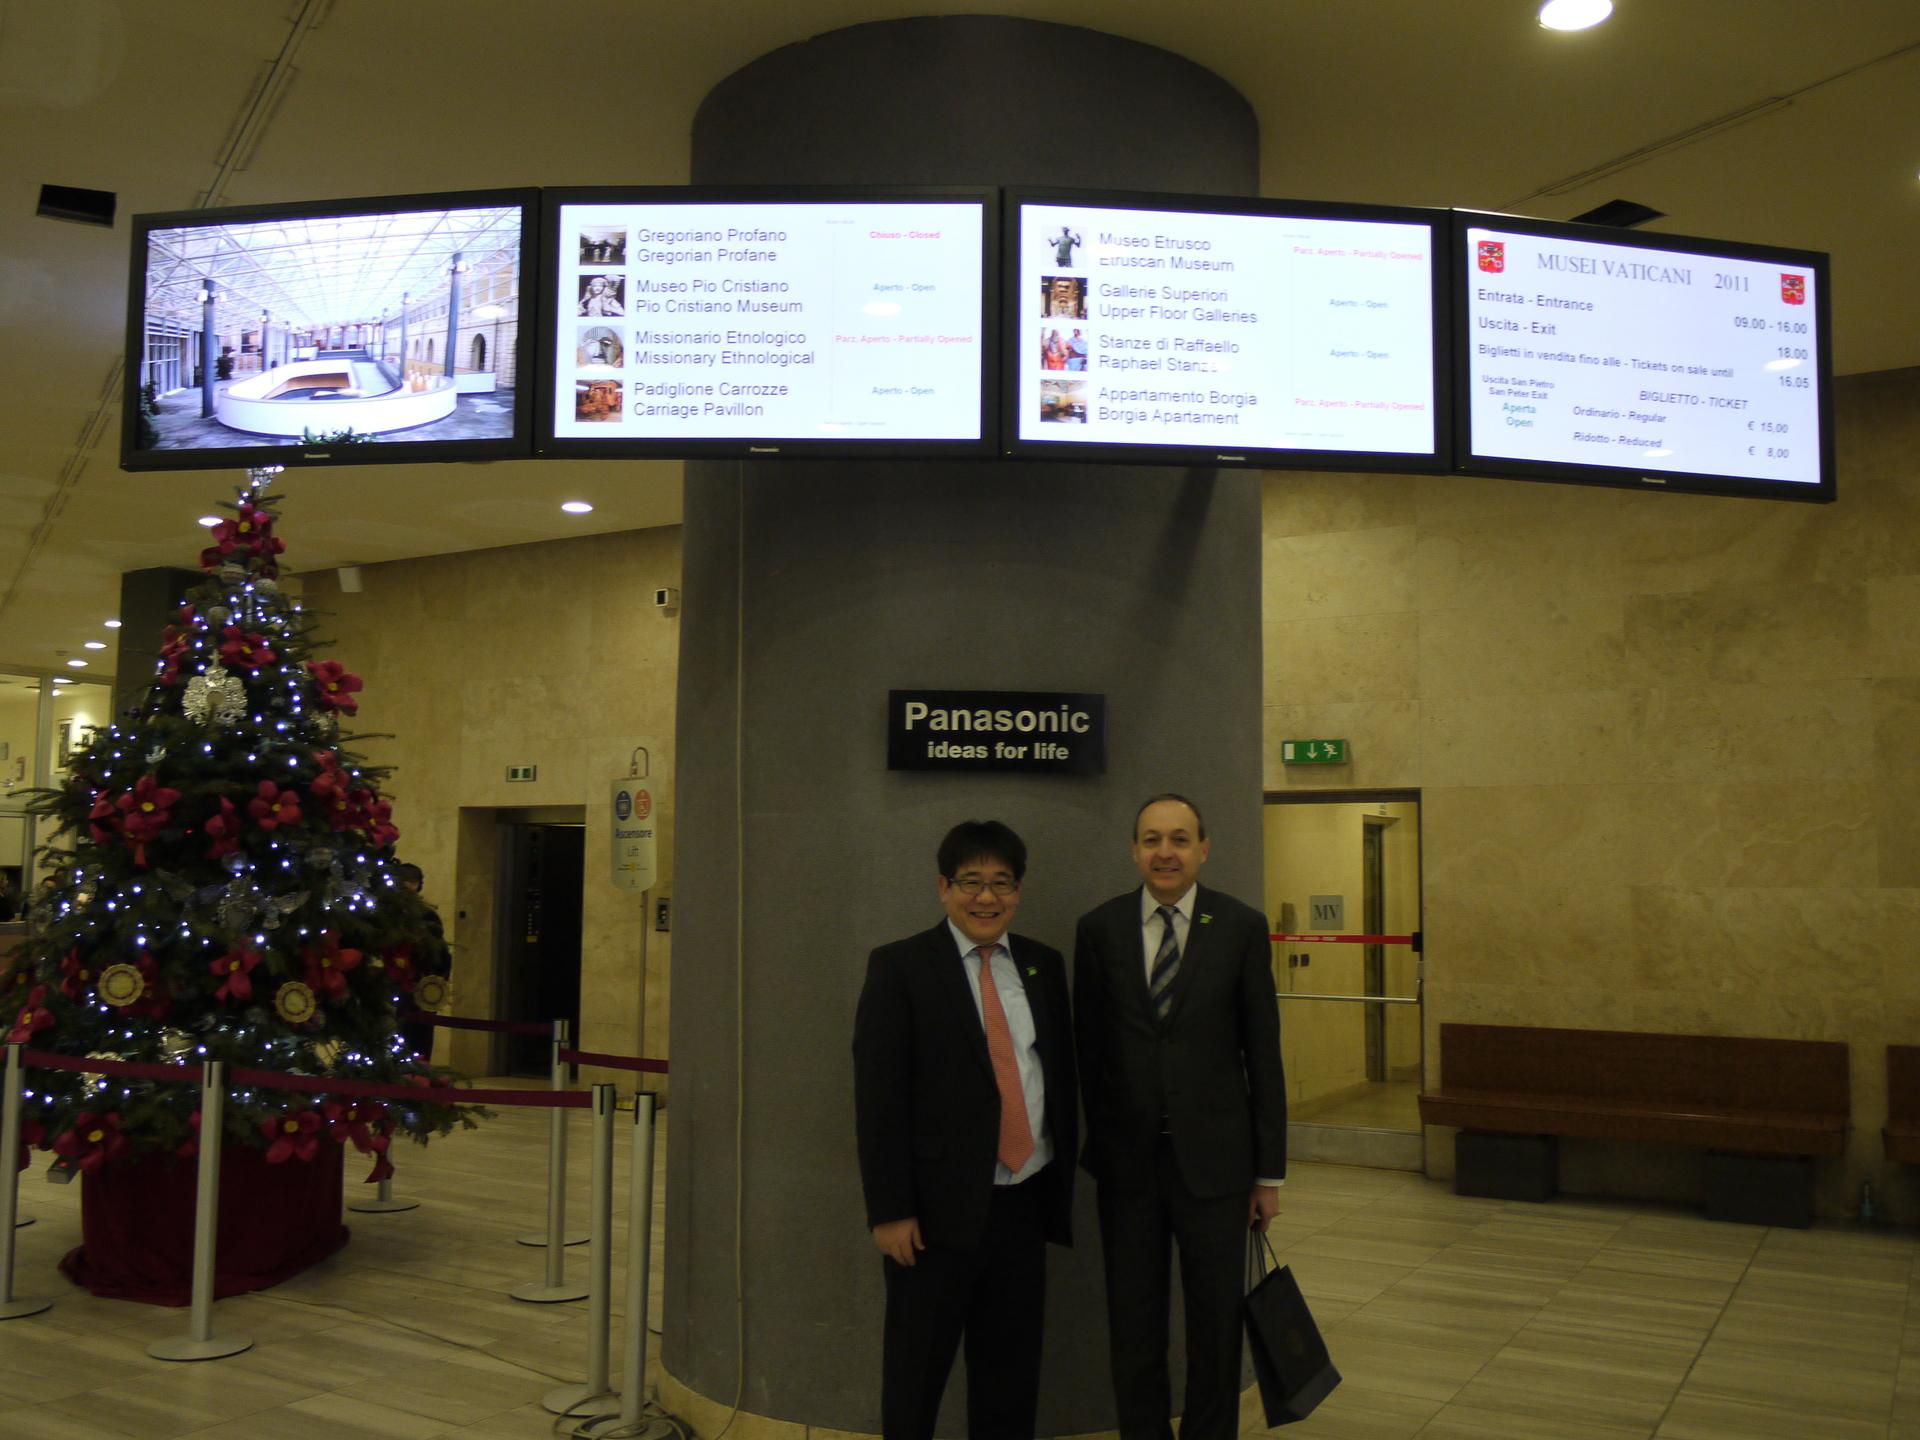 Panasonic protagonista dei Musei Vaticani con il Digital Signage